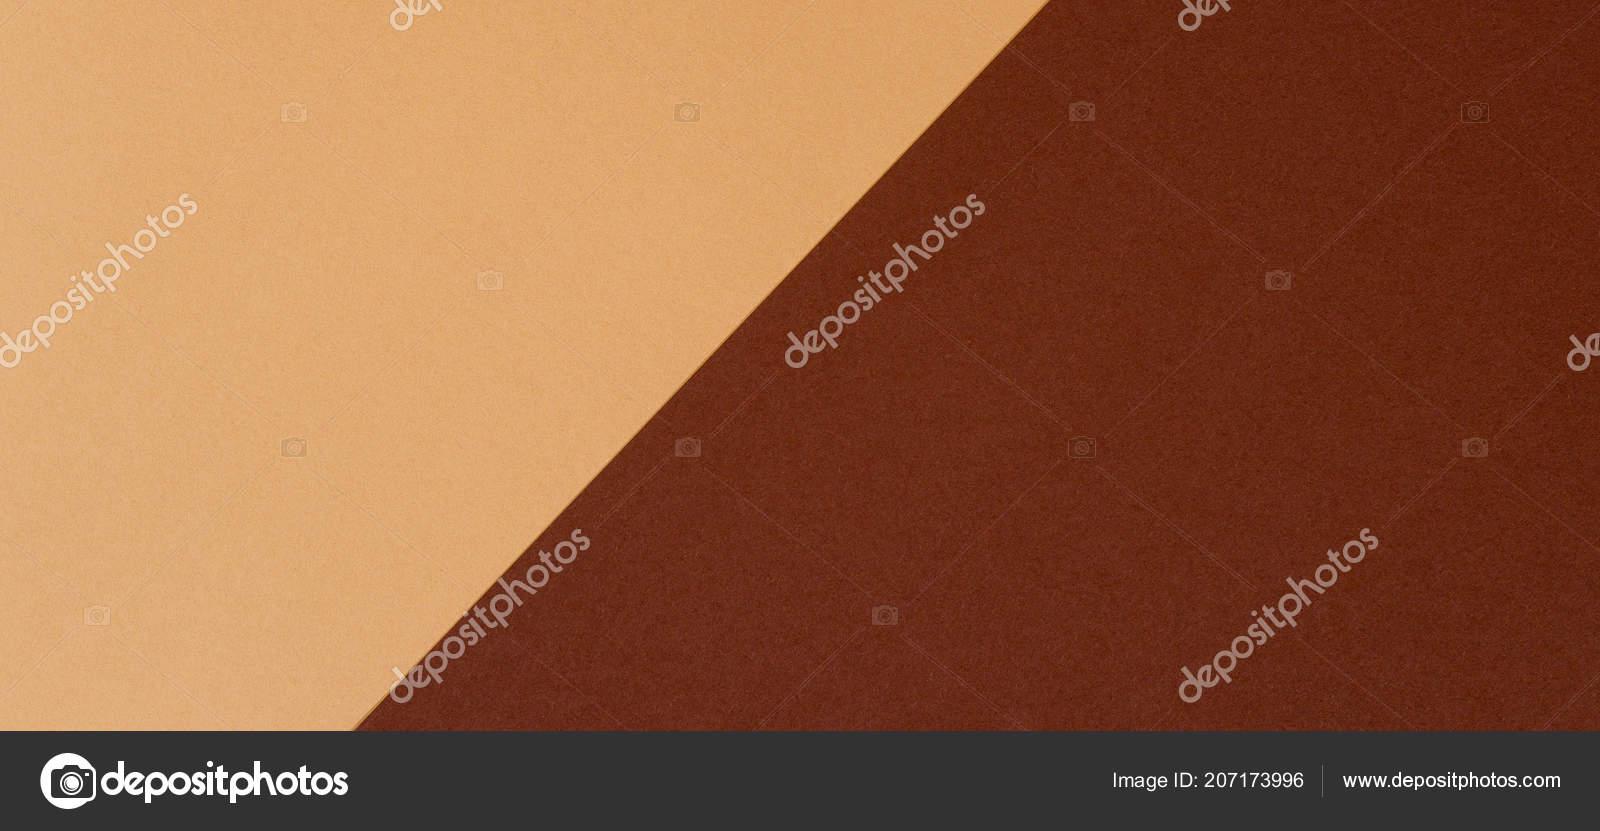 Έγγραφα σύνθεσης γεωμετρίας υπόβαθρο με μπεζ και καφέ τόνους χρώματος–  εικόνα αρχείου 338b9855785